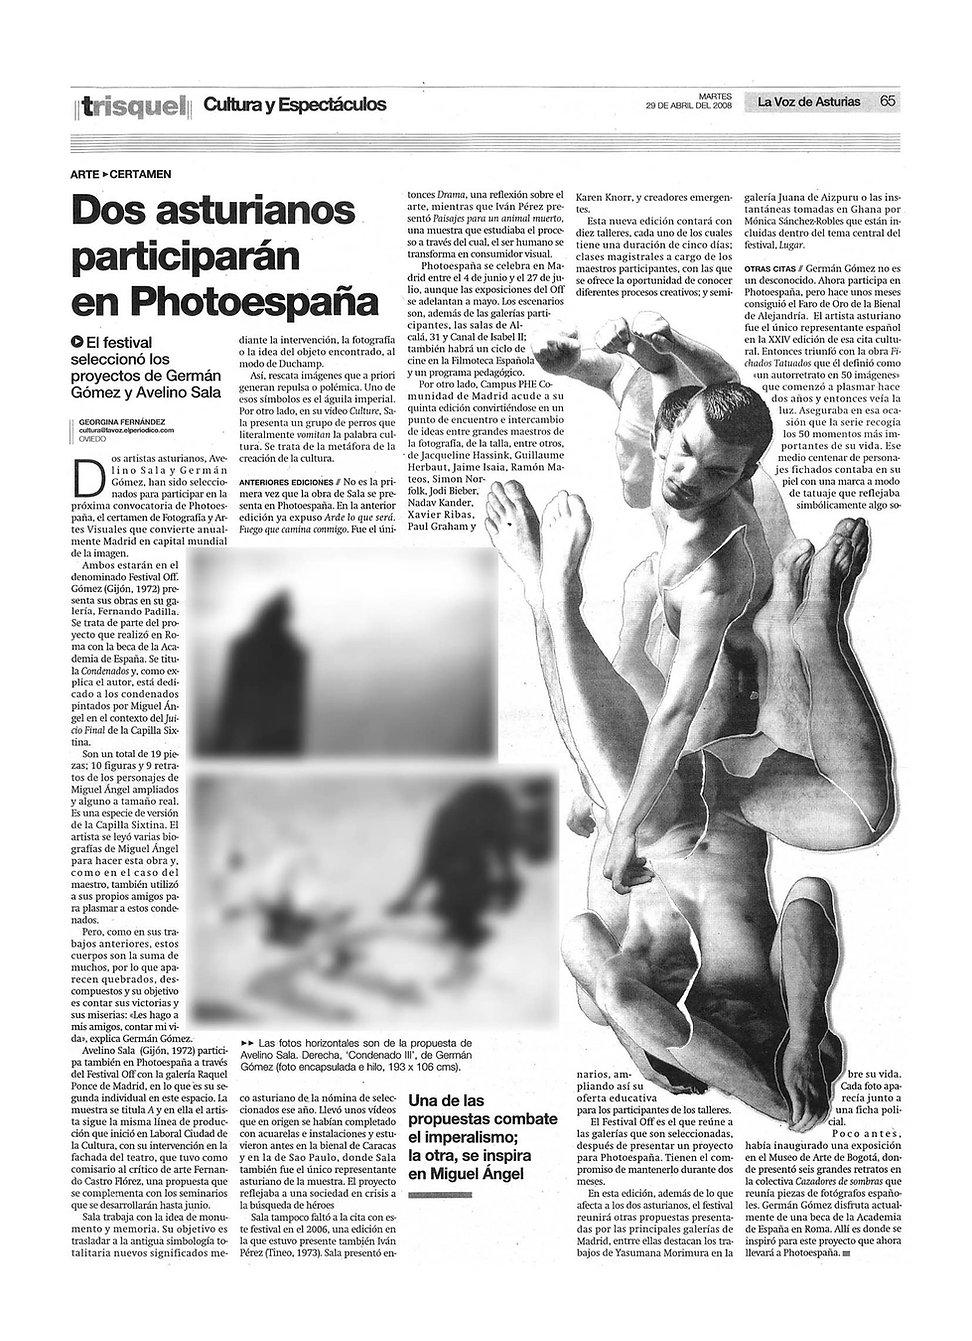 2008_04 LA VOZ CONDENADOS desenfoque.jpg